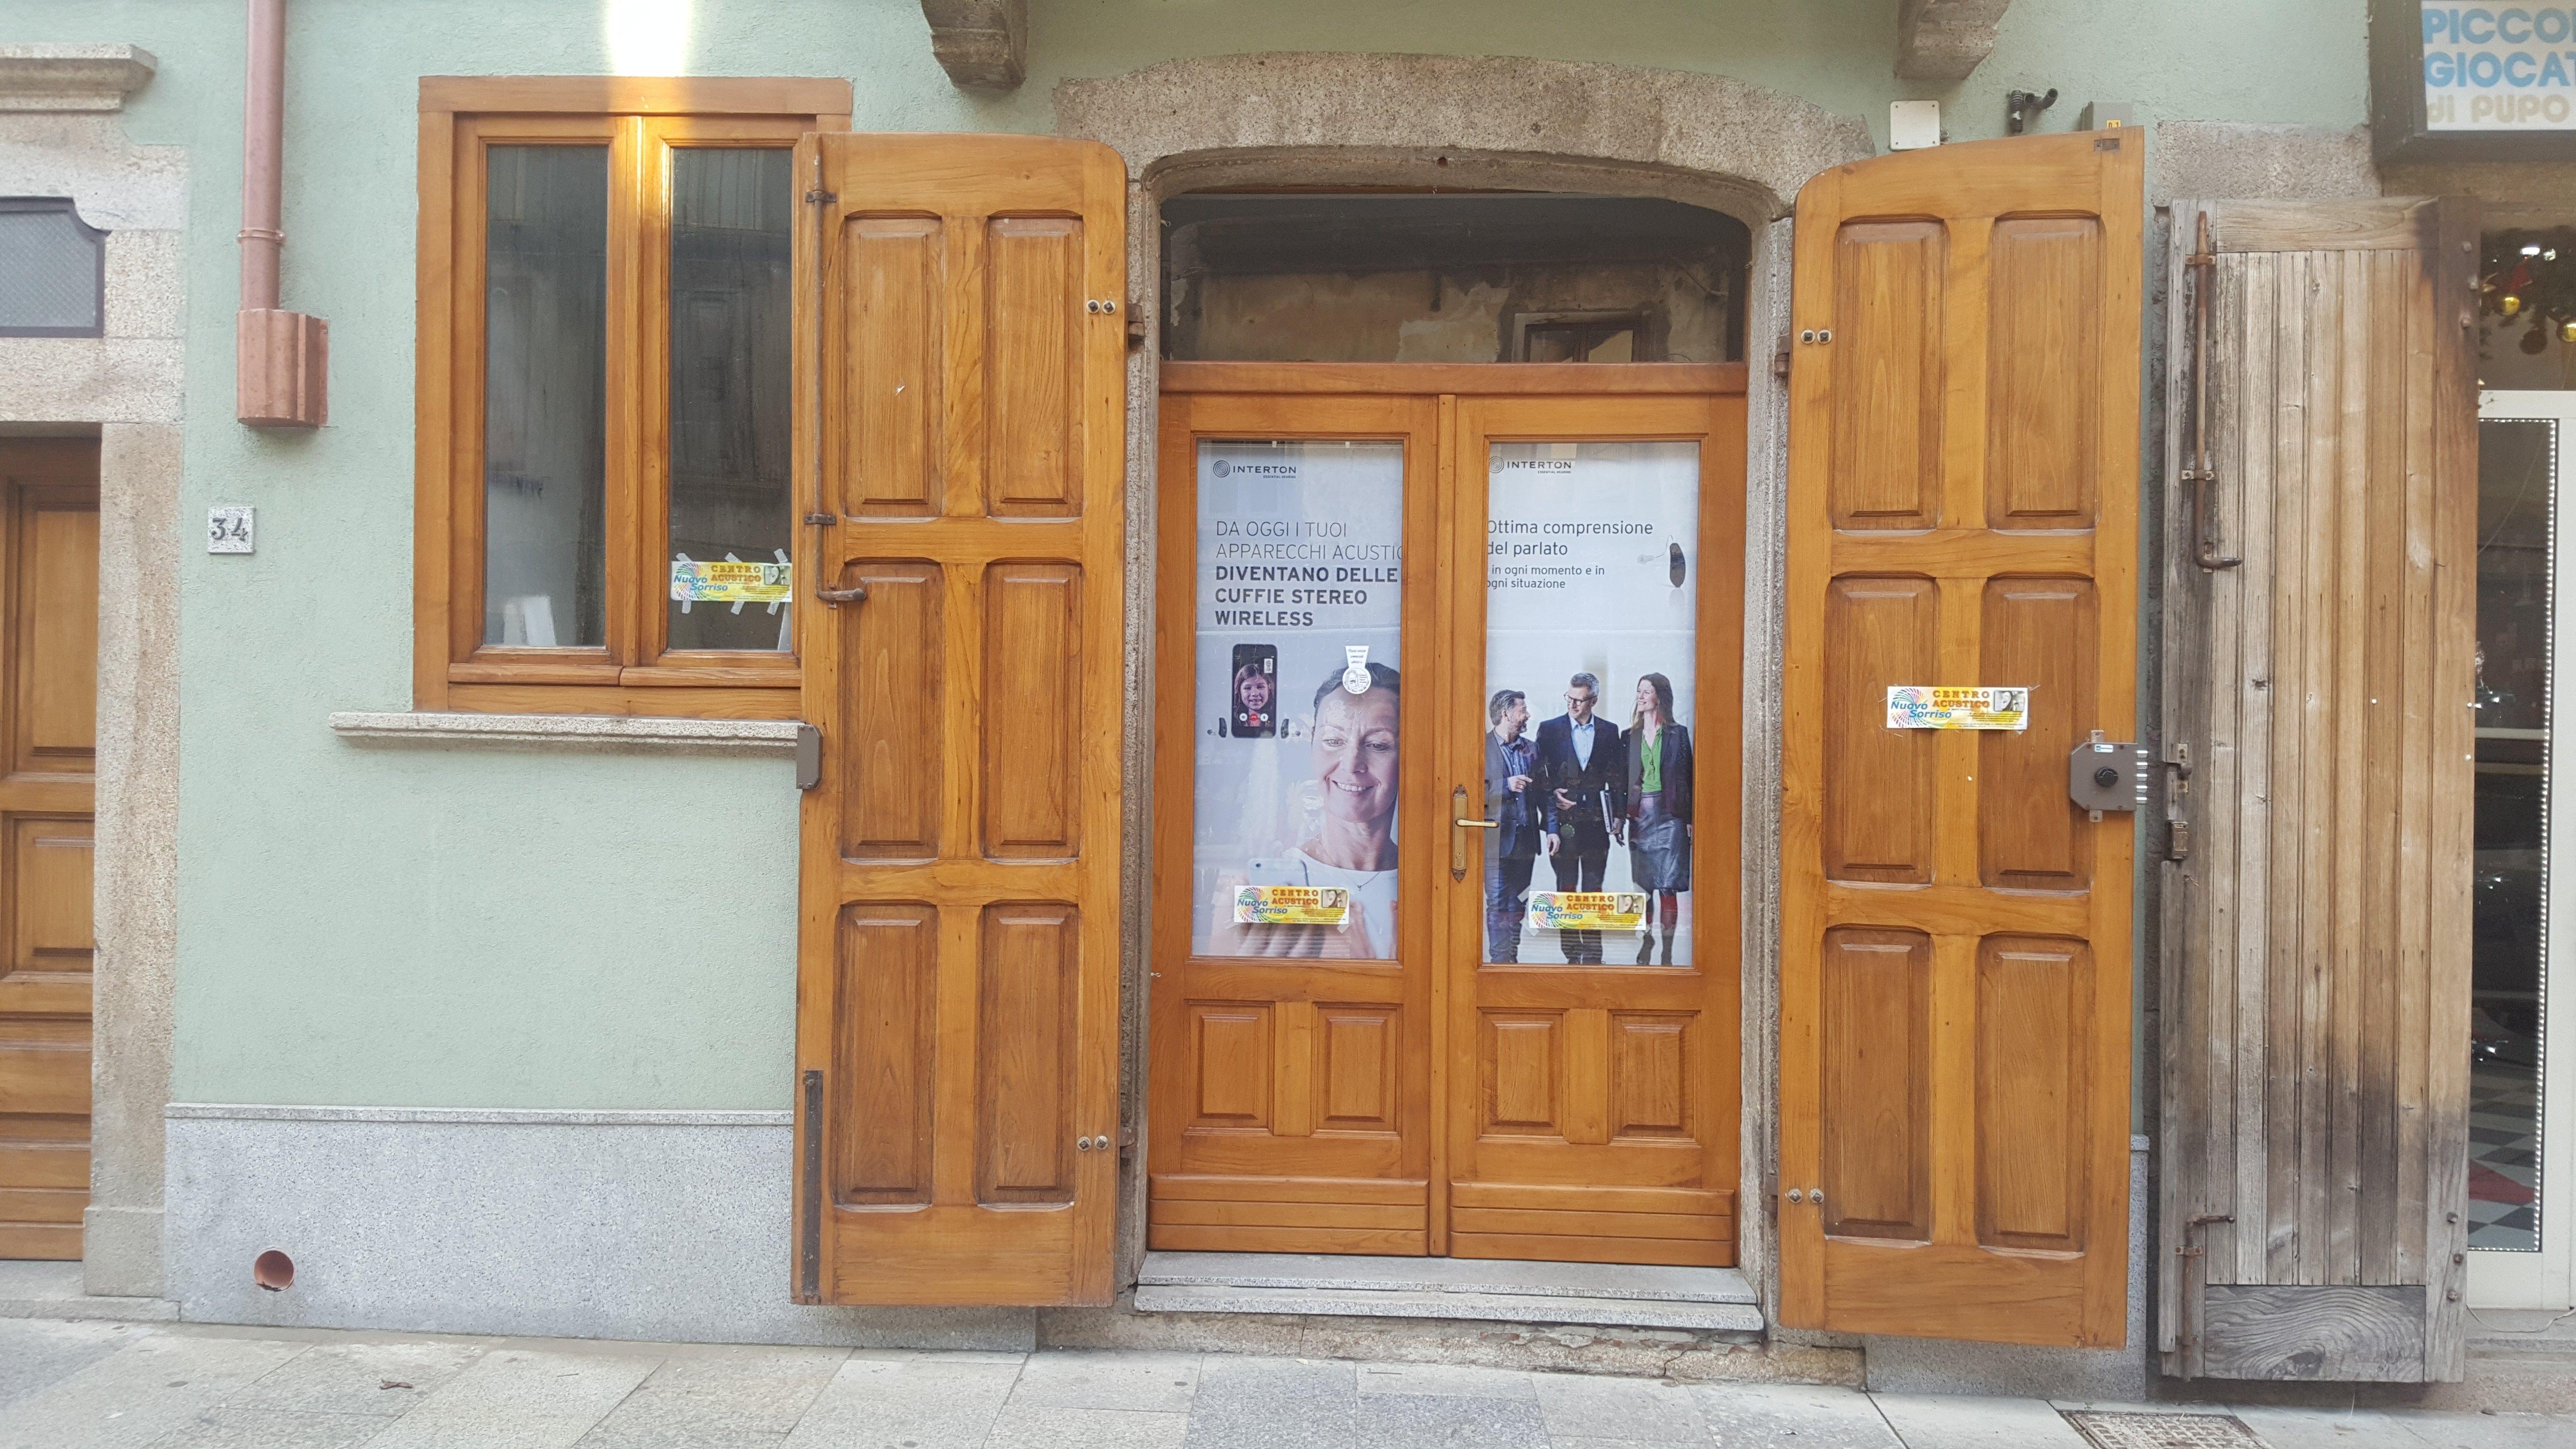 Esterno del negozio per apparecchi acustici a VIbo Valentia